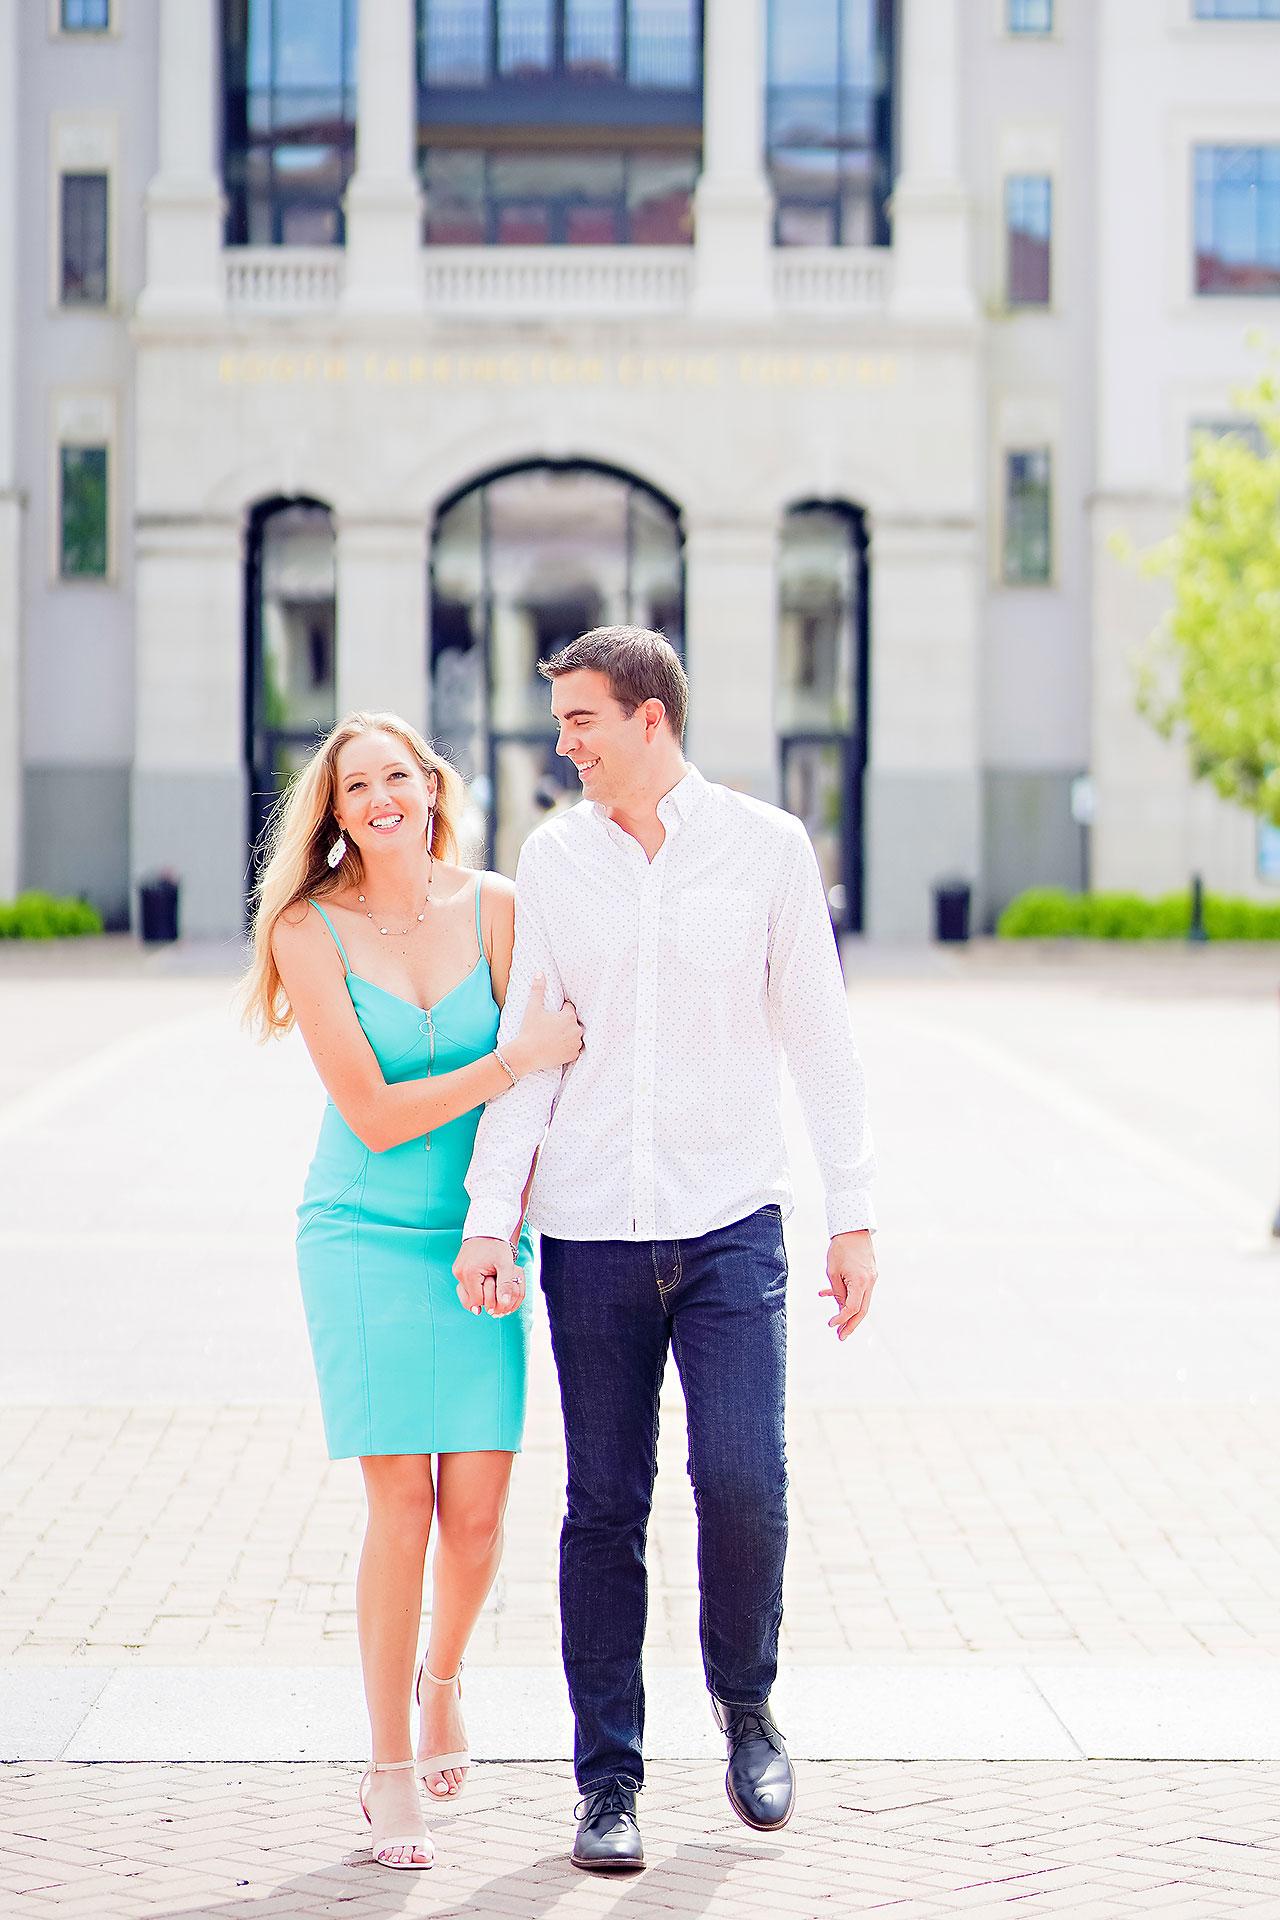 Liz Zach Midtown Carmel Engagement Session 129